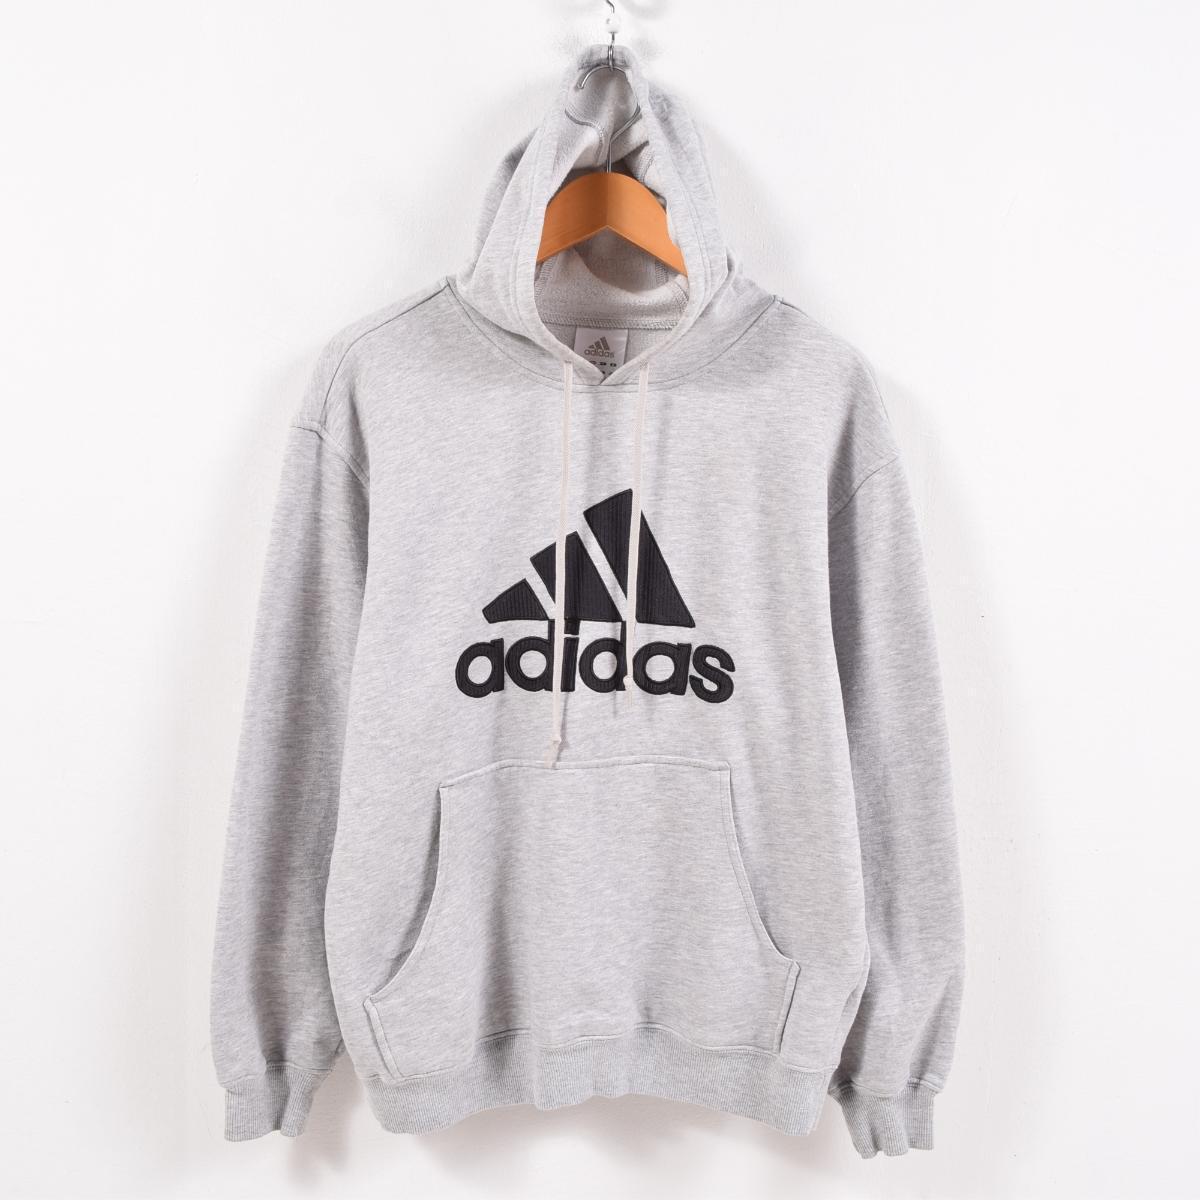 Adidas adidas men mast hub badge of sports M MUSTHAVES BADGE OF SPORTS pullover sweat shirt parka back raising sweat shirt tops FSD57